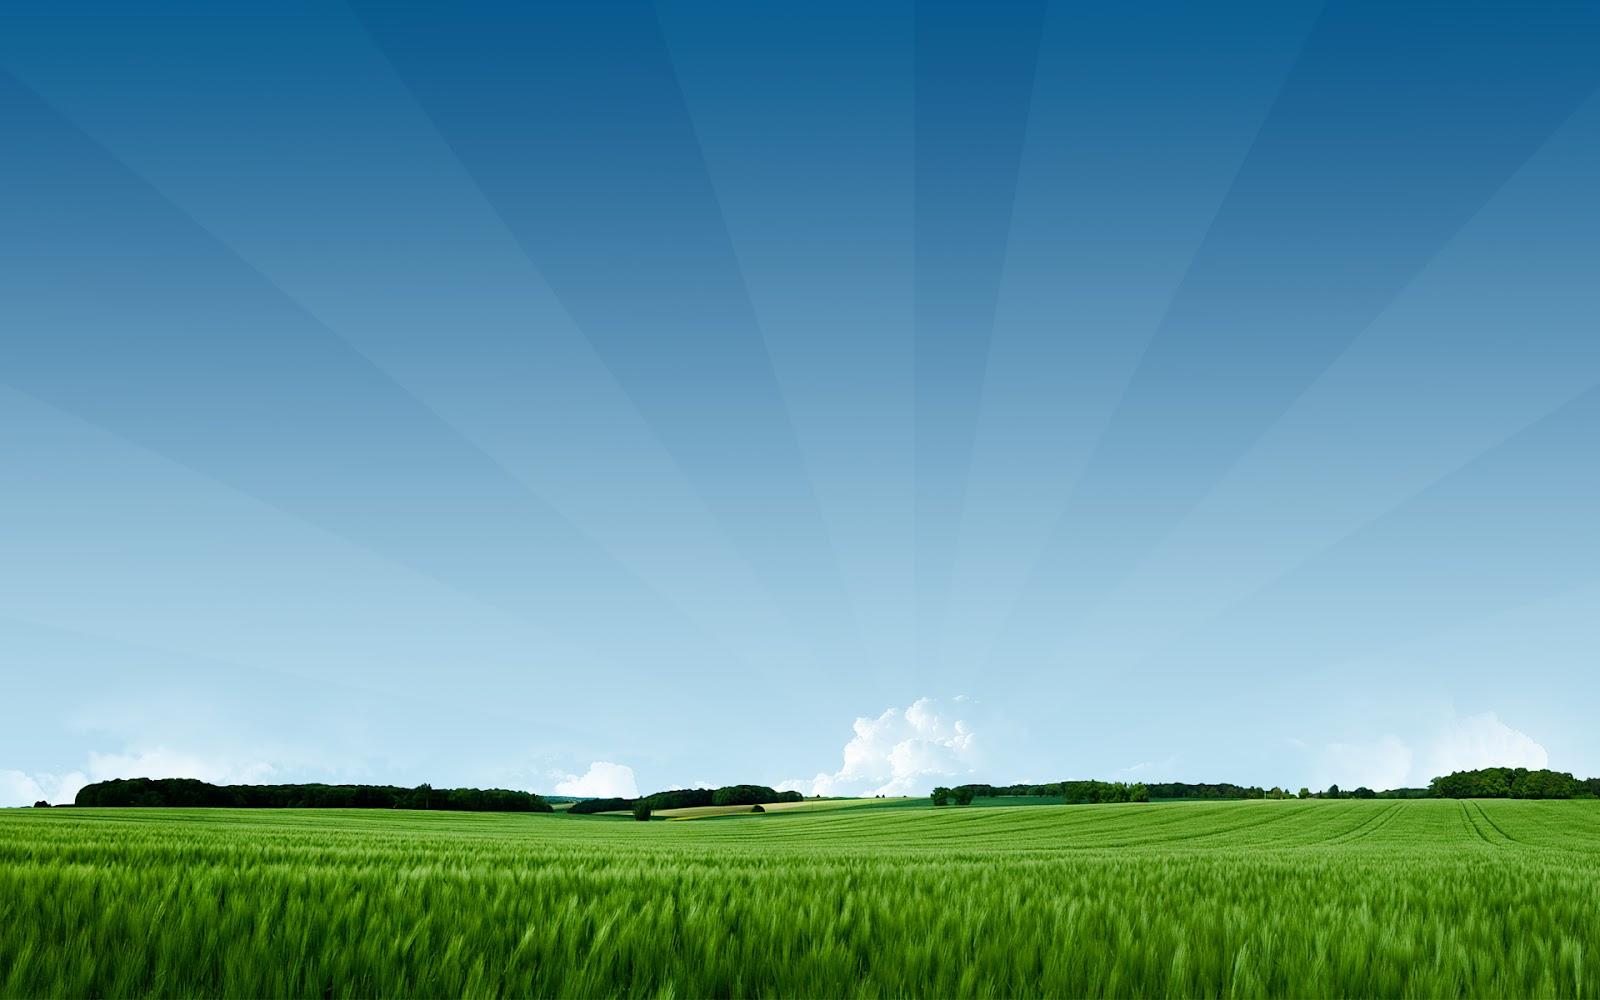 http://2.bp.blogspot.com/-0VNywfUzXu8/T8NUlansQPI/AAAAAAAAAIw/RusZgPOXdxQ/s1600/summer_3_hd_wallpaper_1920x1200.jpeg